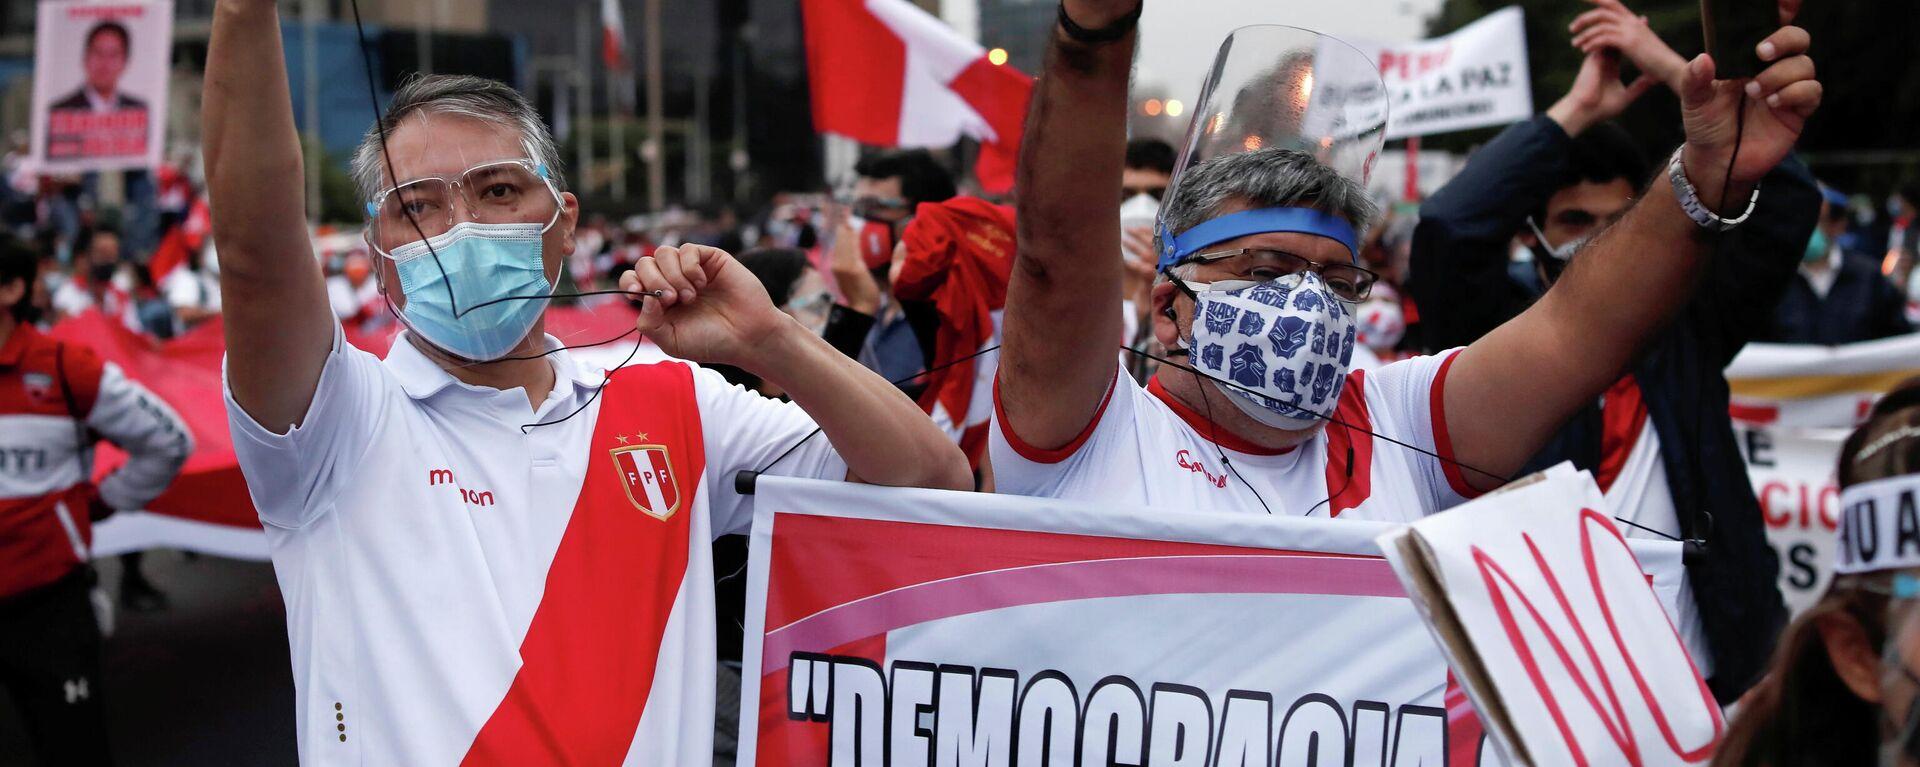 Una manifestación en vísperas de las elecciones presidenciales en Perú - Sputnik Mundo, 1920, 08.06.2021